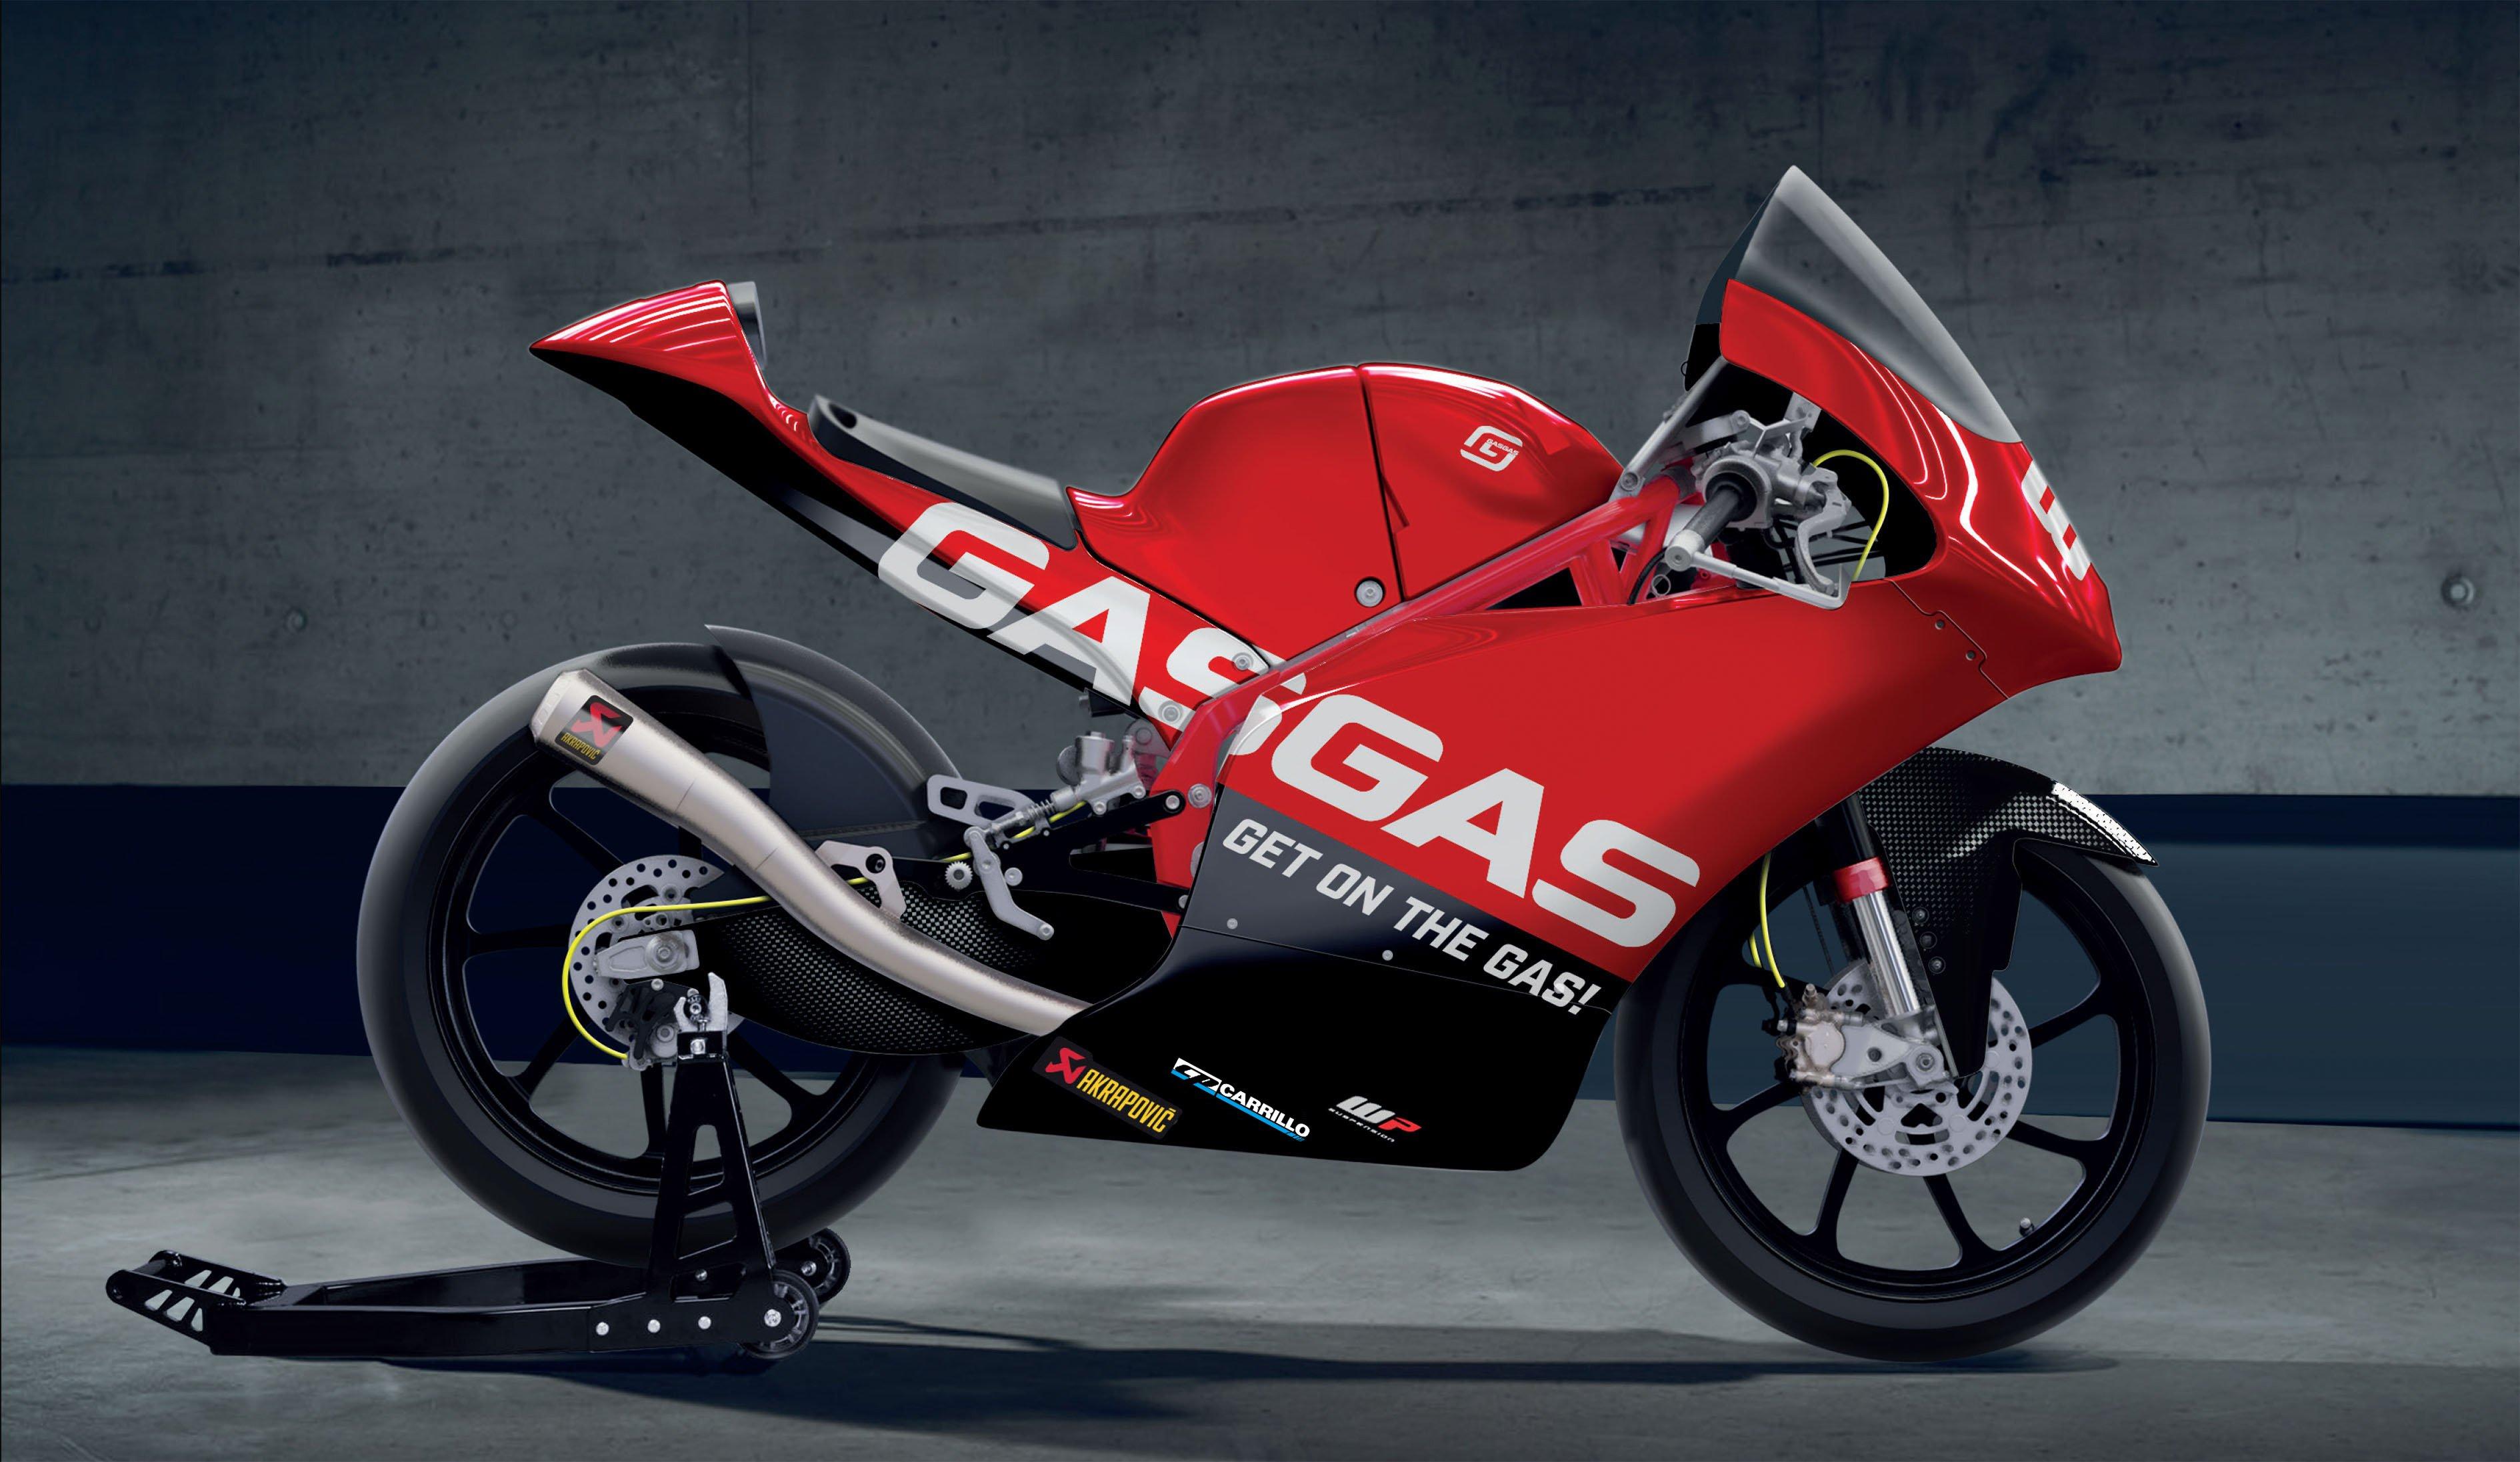 Moto GP 2021 EnHjiYdUwAAedWZ?format=jpg&name=4096x4096